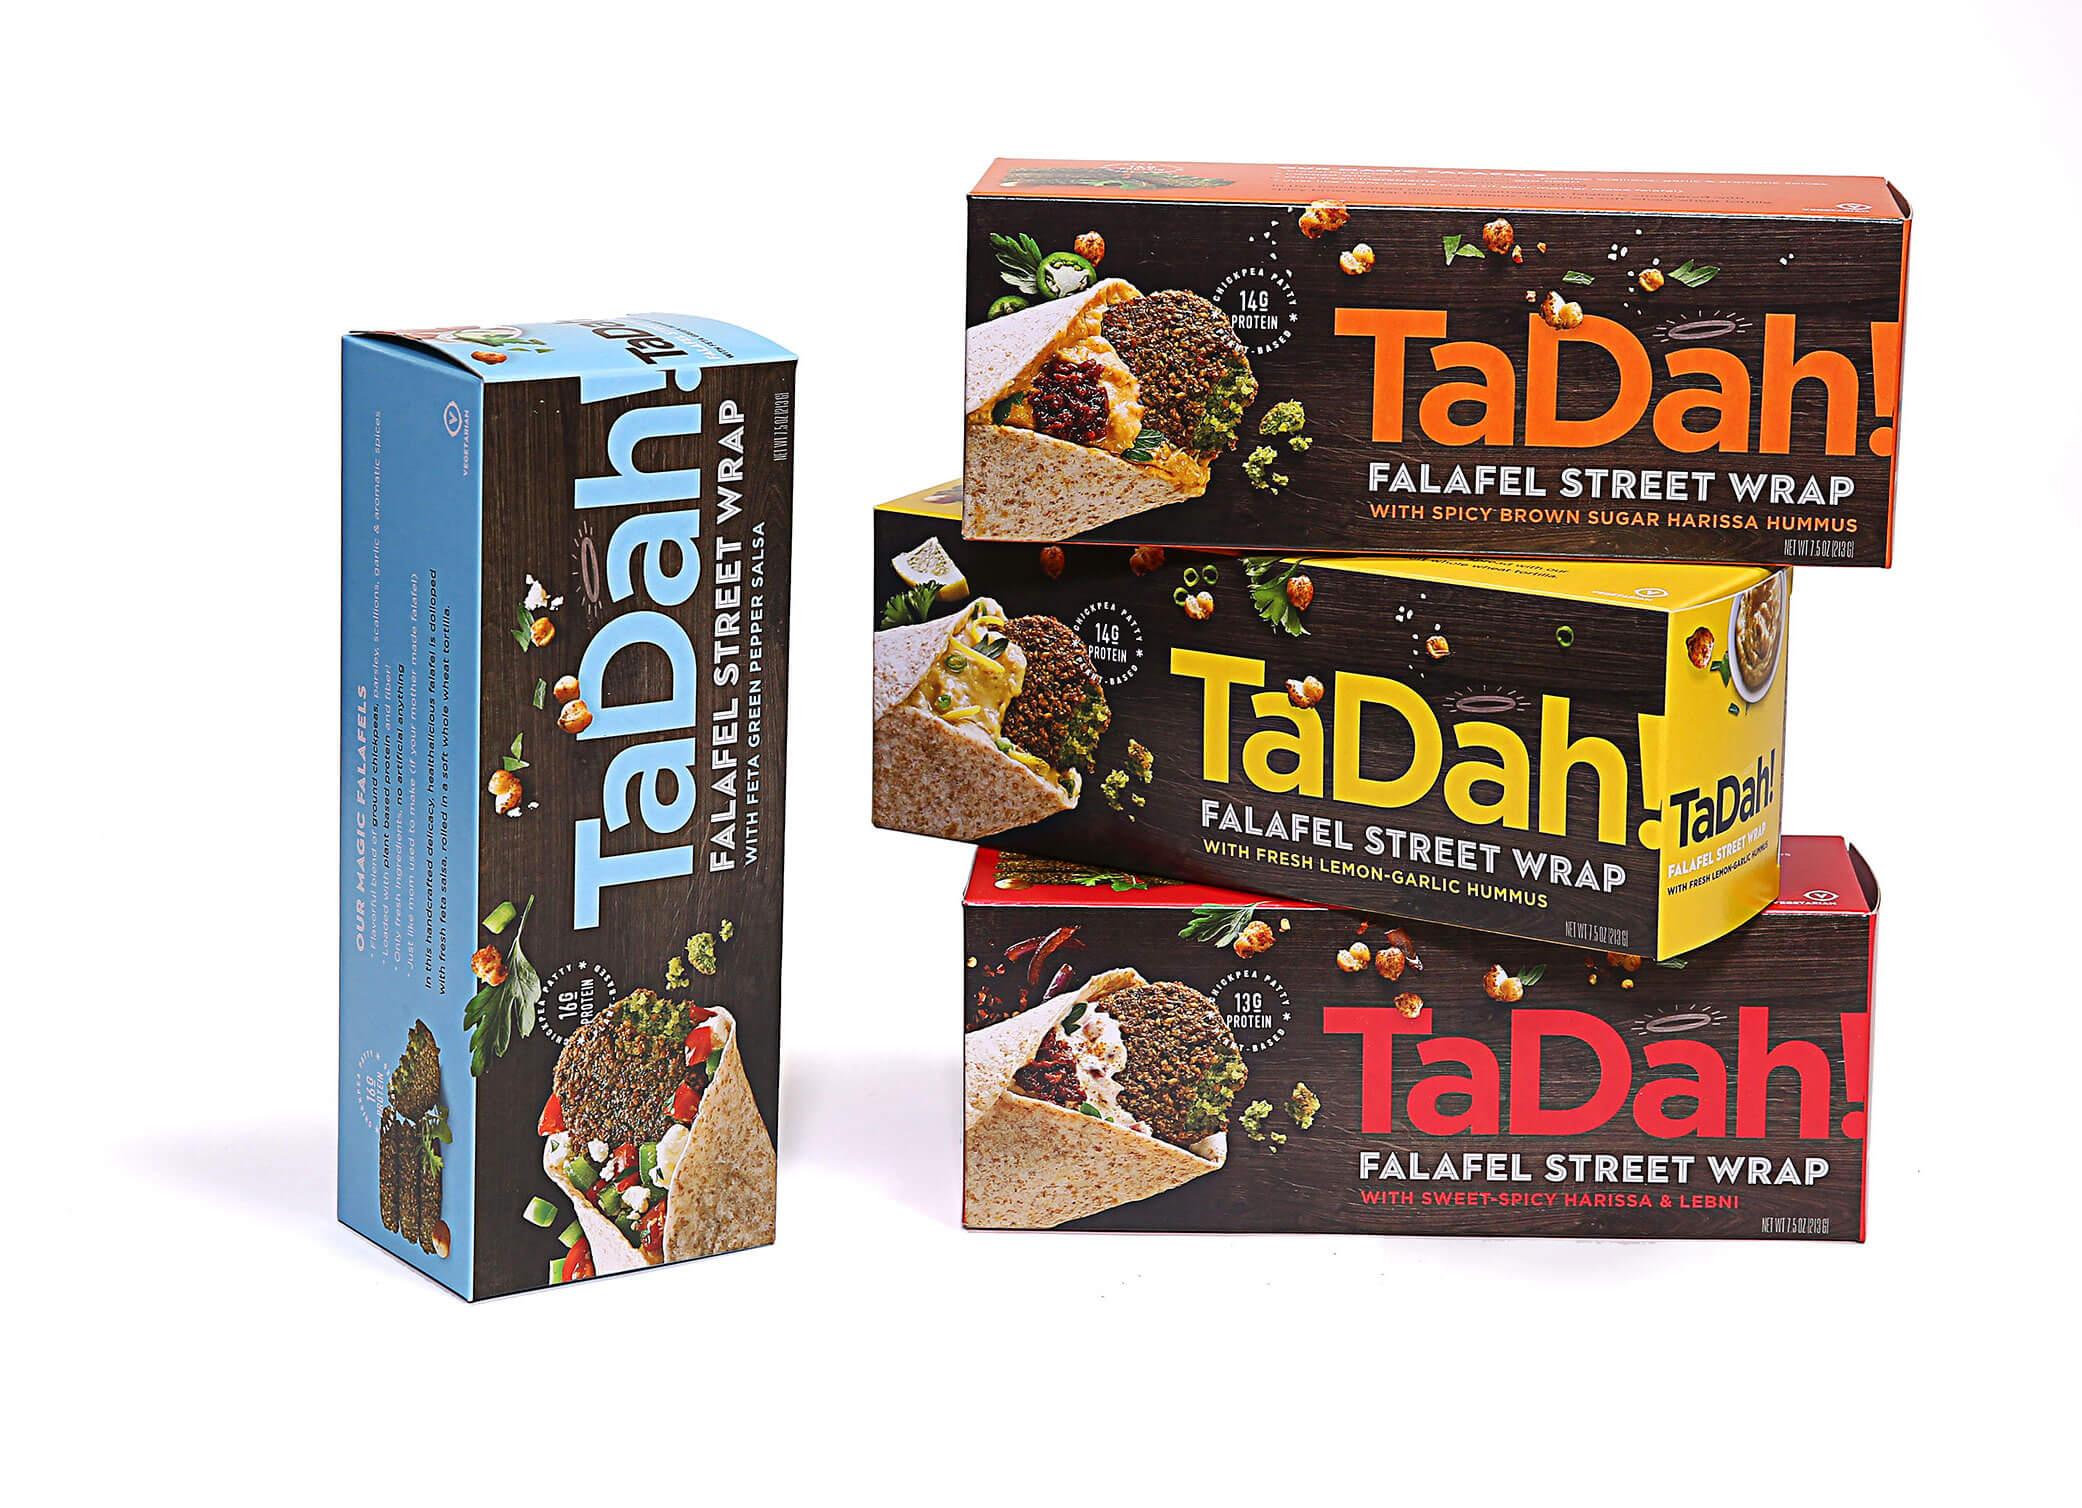 TaDah_group_packaging2793_alt